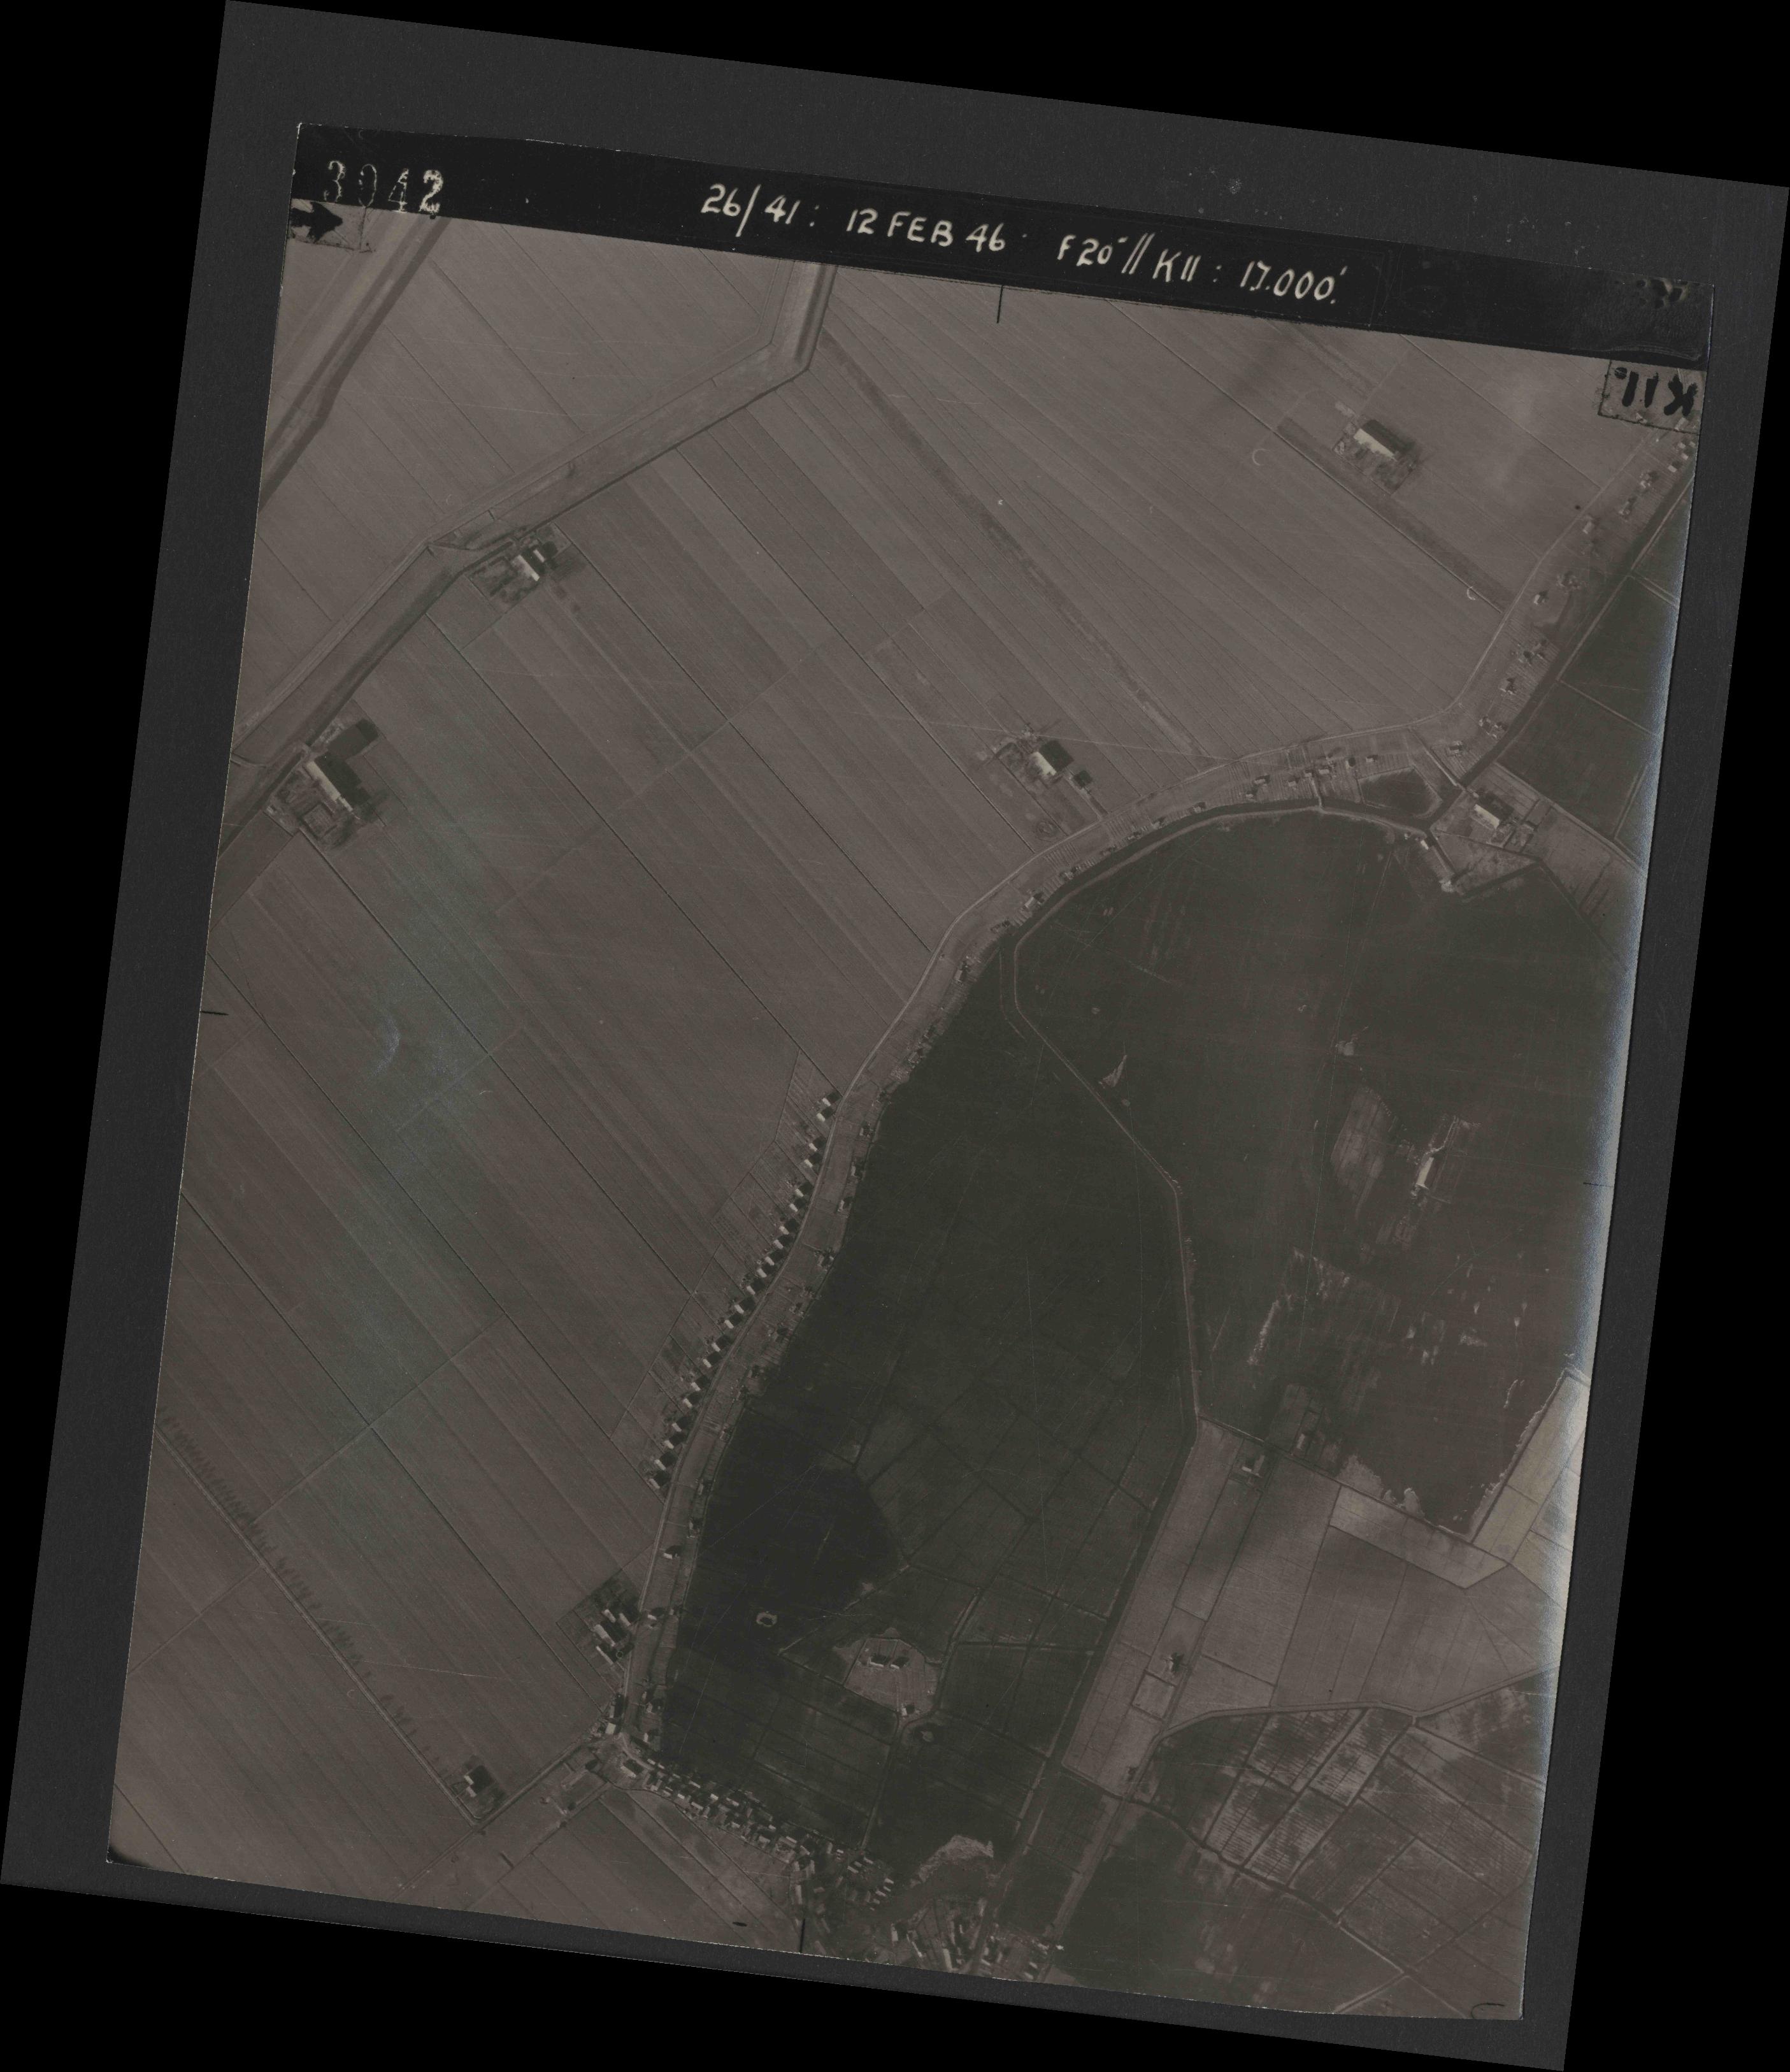 Collection RAF aerial photos 1940-1945 - flight 212, run 07, photo 3042